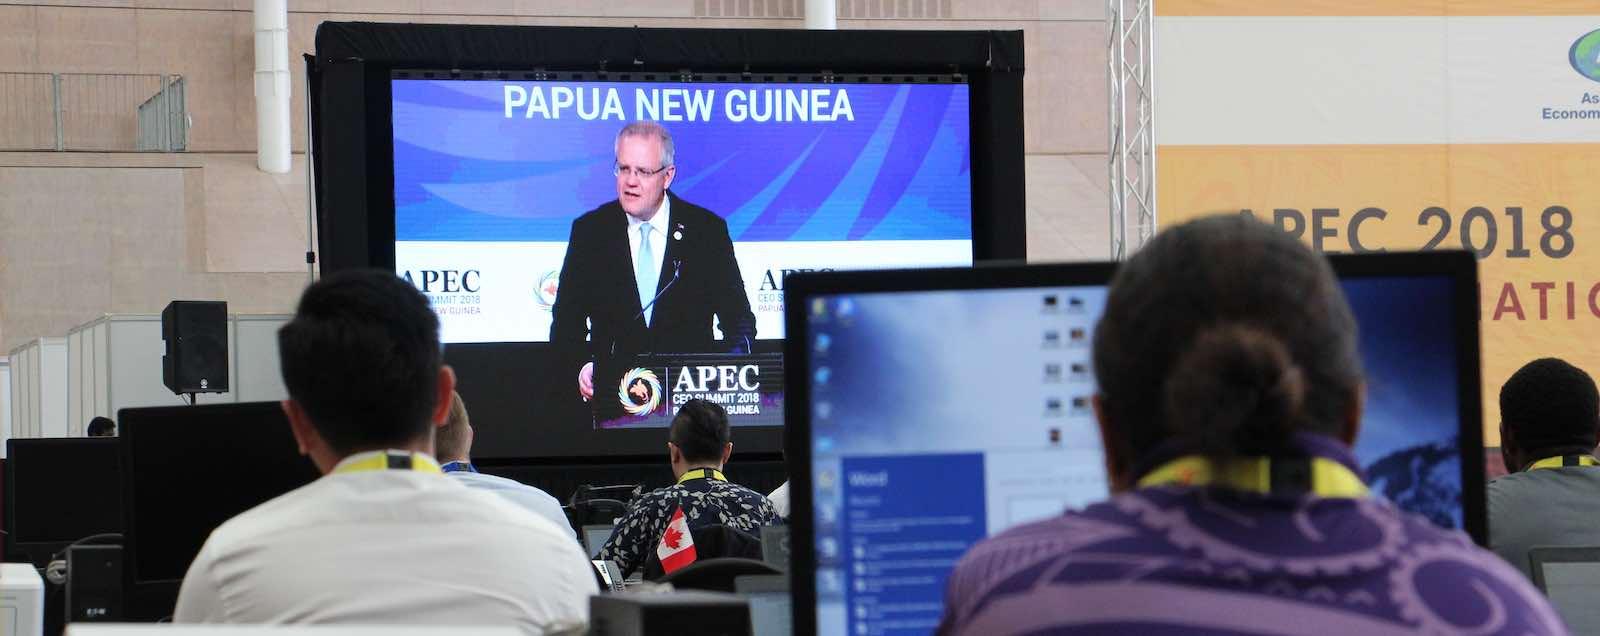 Australian Prime Minister Scott Morrison speaks to APEC leaders in Port Moresby (Photo: Shane McLeod)